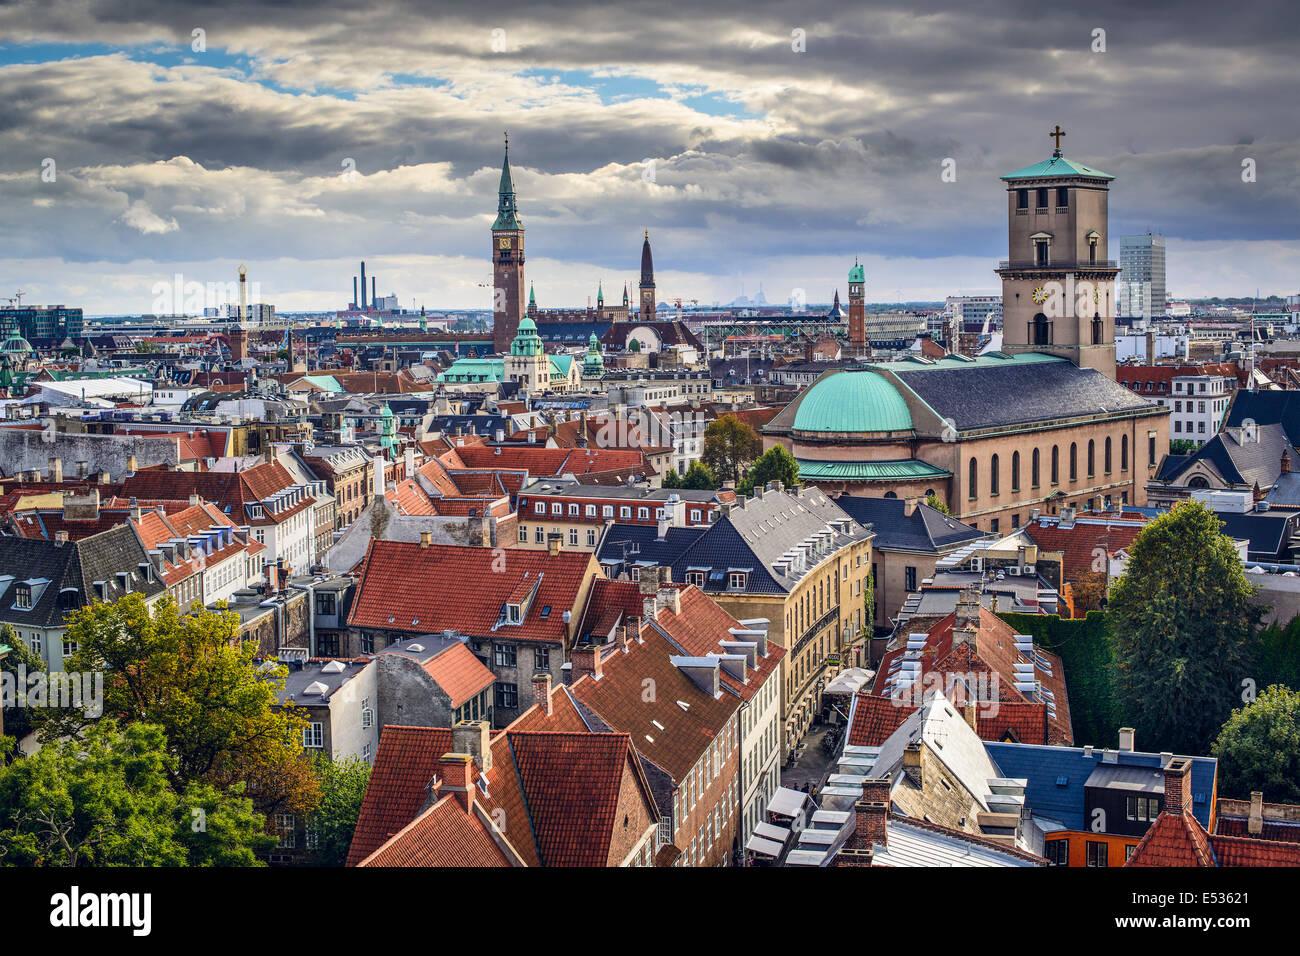 Copenhague, Dinamarca, el horizonte de la ciudad vieja. Foto de stock